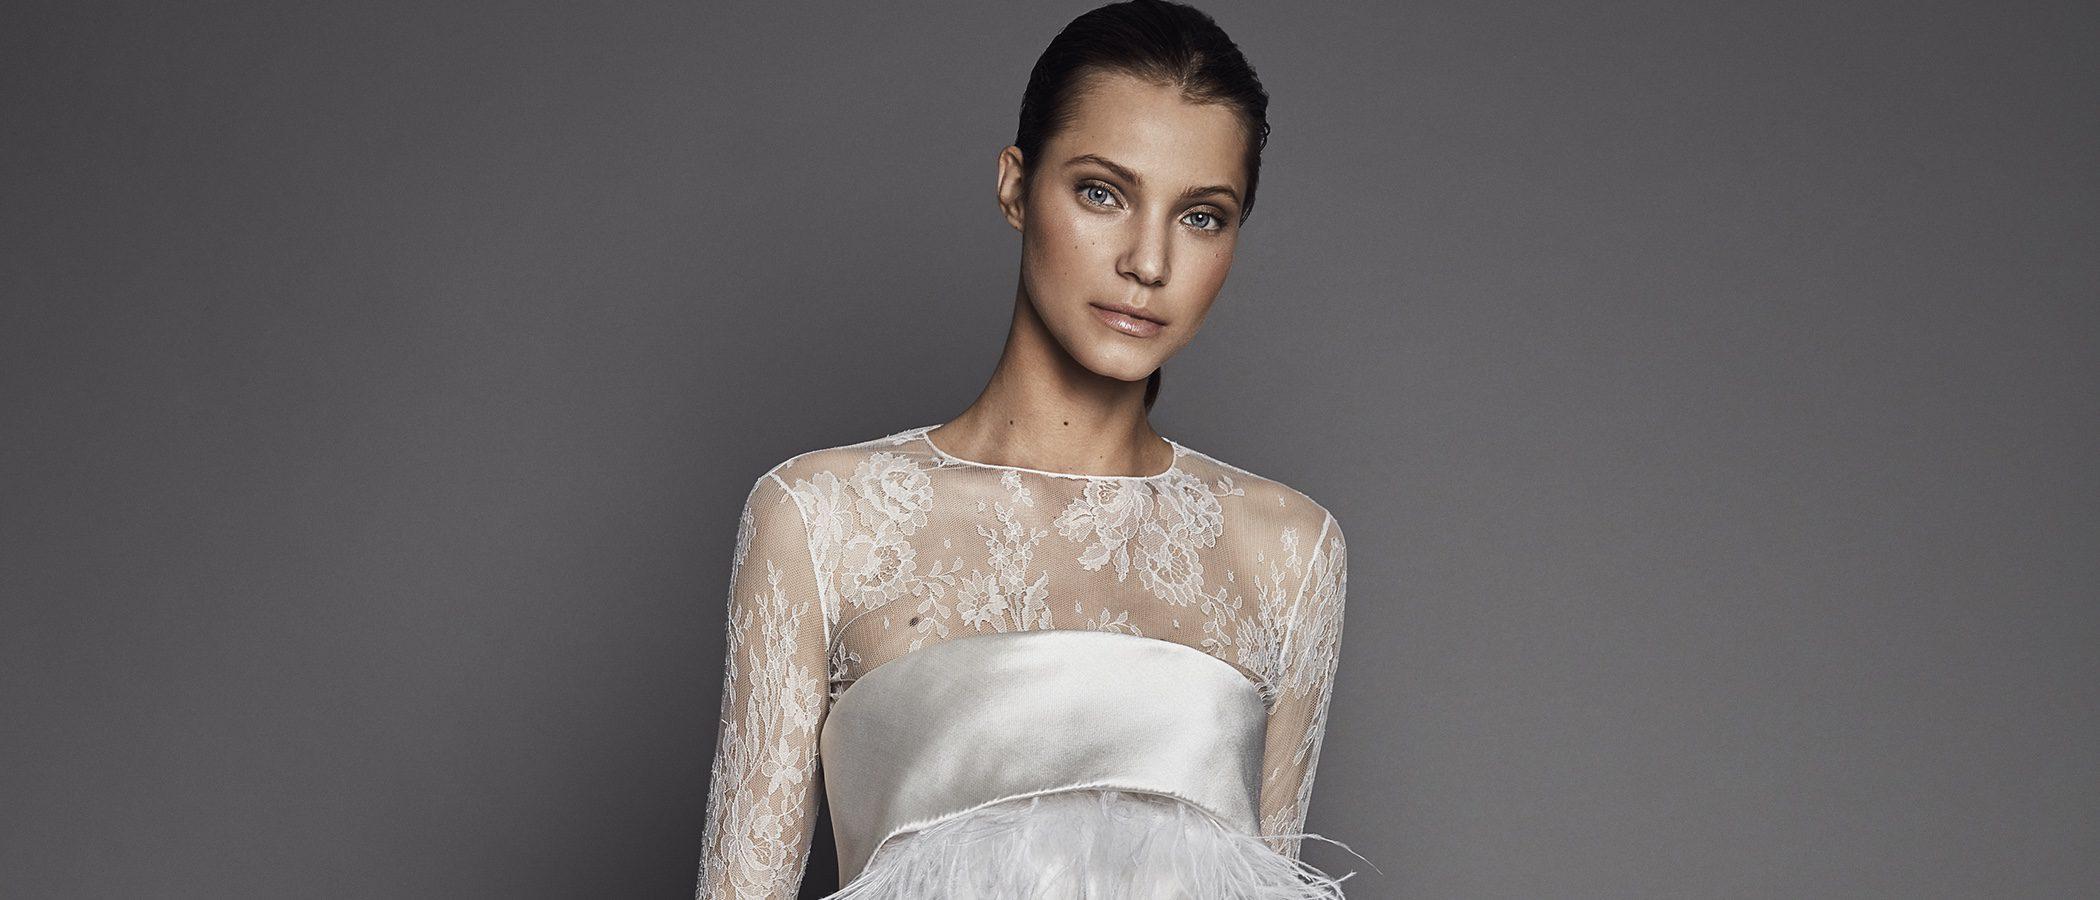 The 2nd Skin Co presenta su nueva colección de vestidos de novia 2018